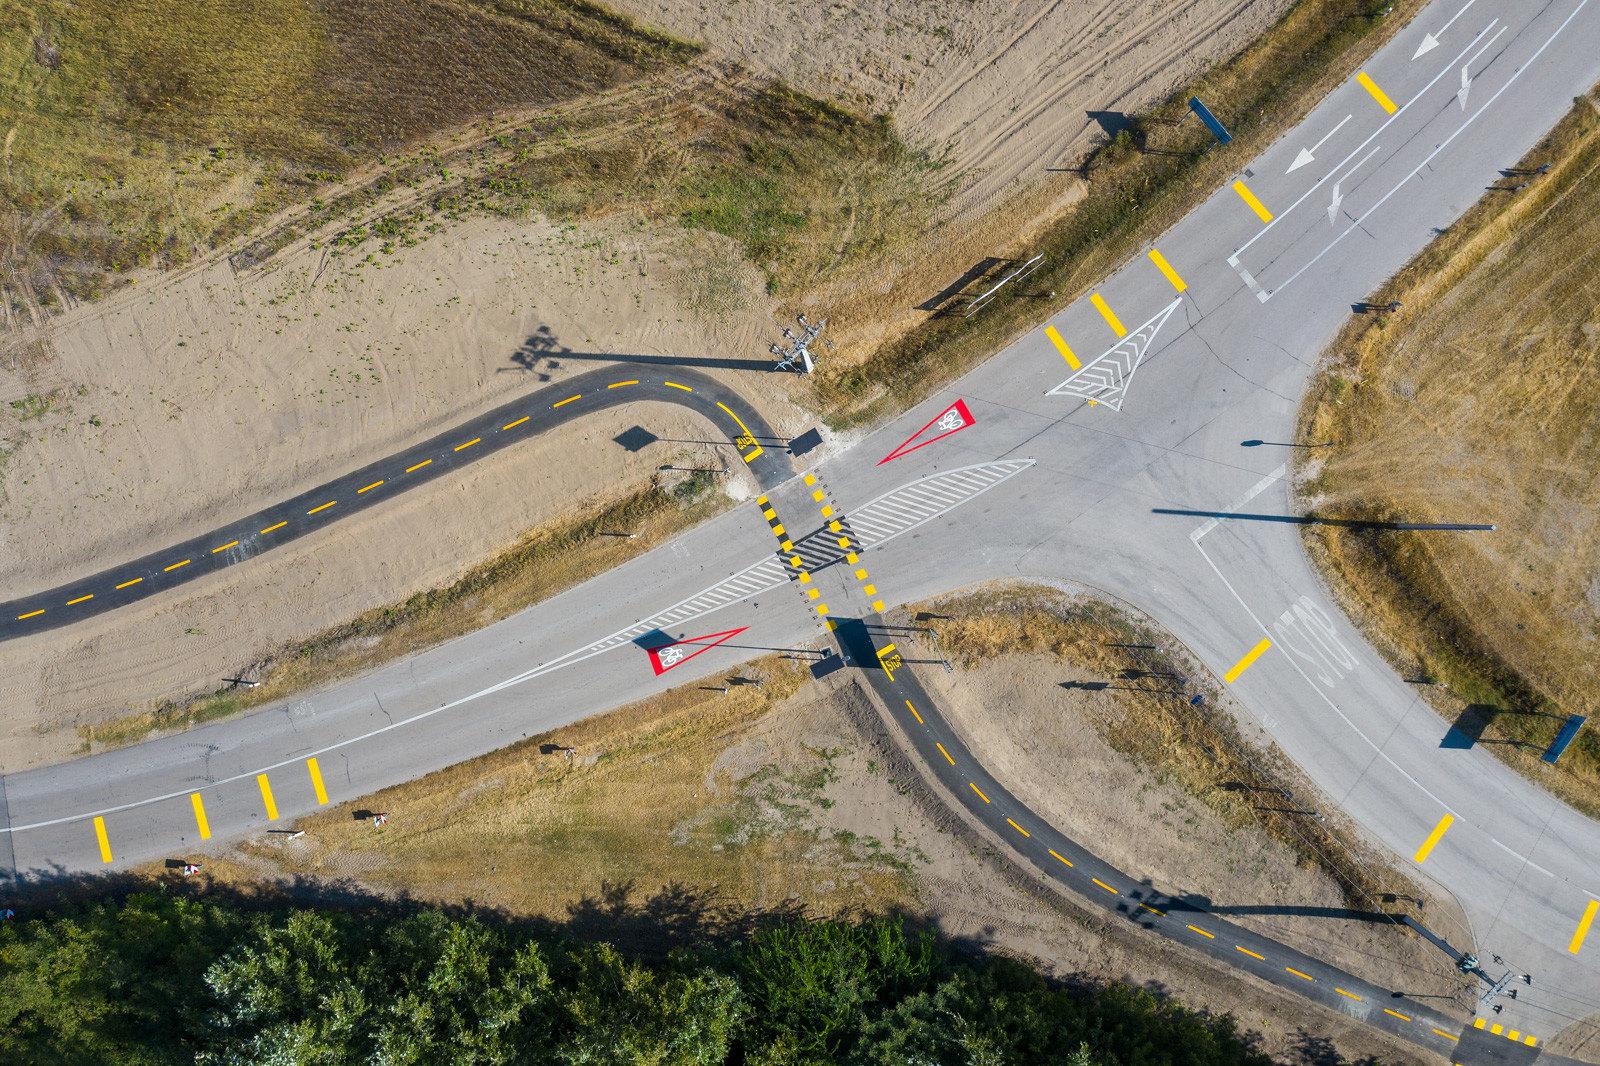 2 hónap alatt építettek 7 kilométer kerékpárutat Ásotthalom és a határ között